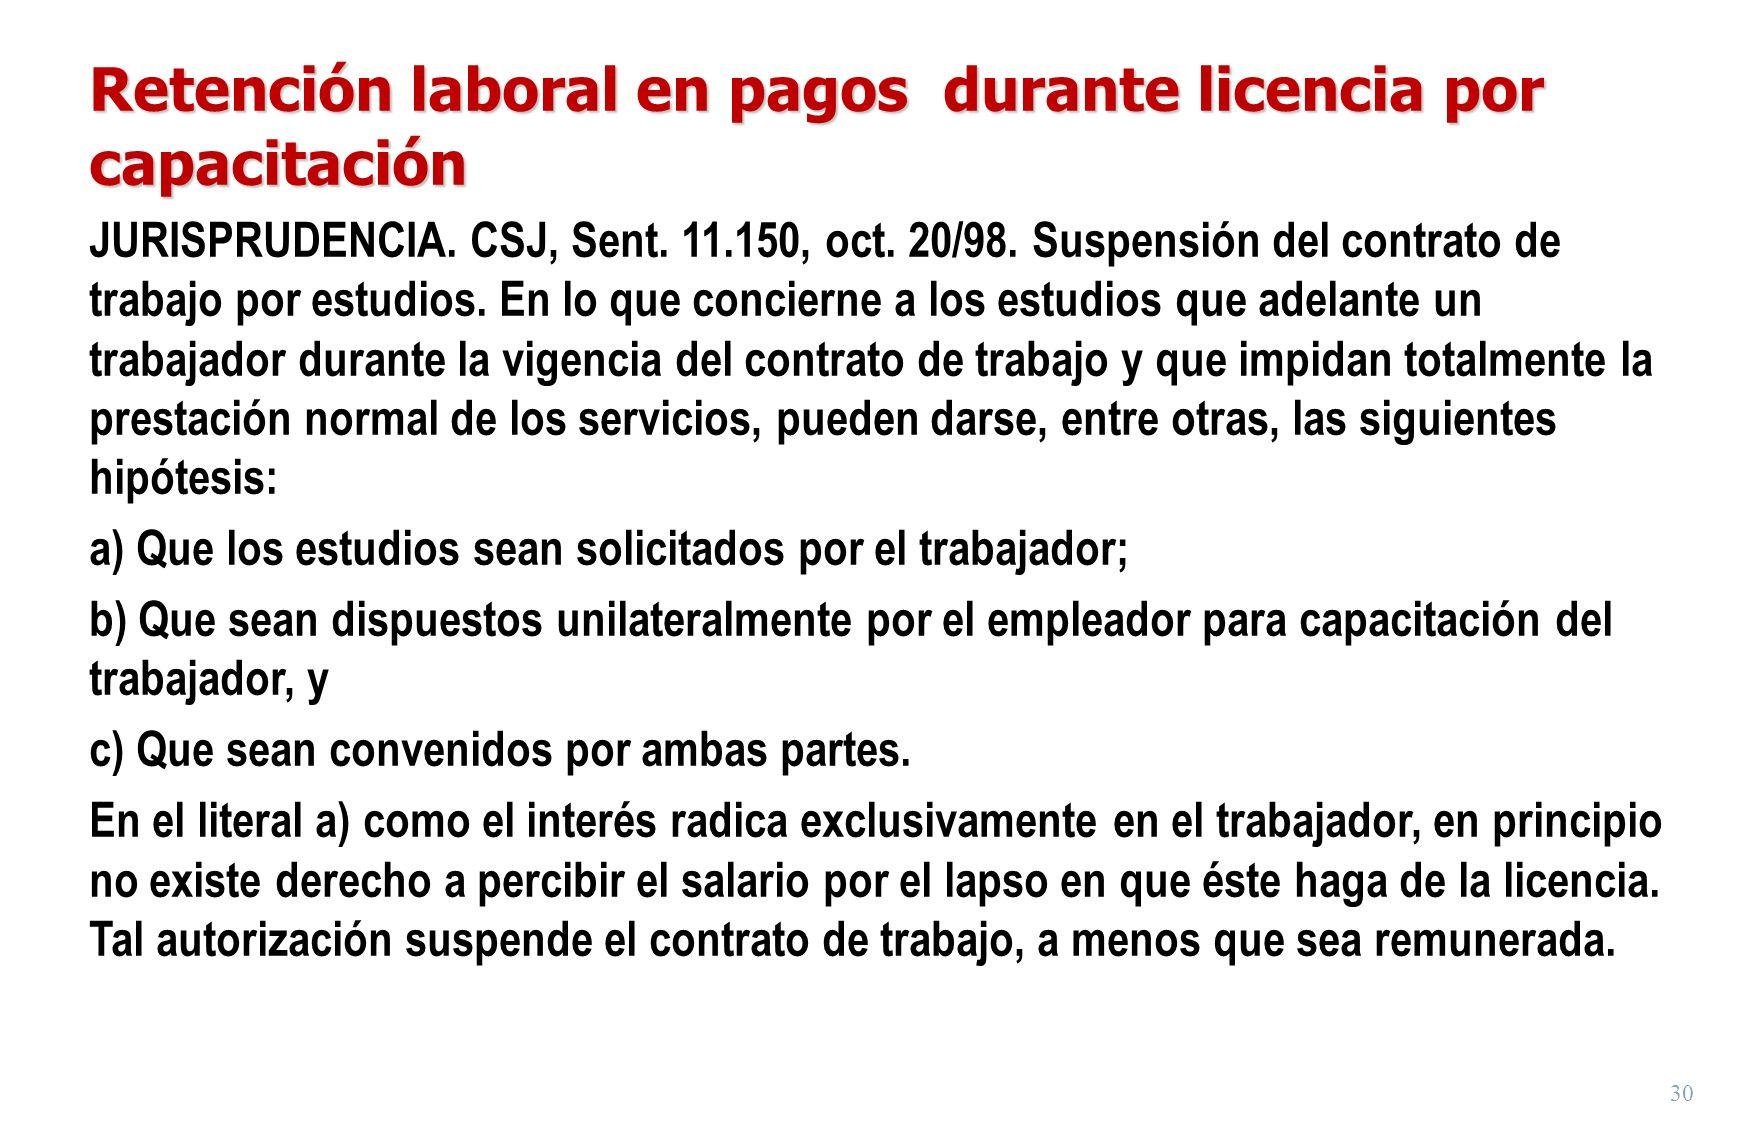 30 Retención laboral en pagos durante licencia por capacitación JURISPRUDENCIA. CSJ, Sent. 11.150, oct. 20/98. Suspensión del contrato de trabajo por